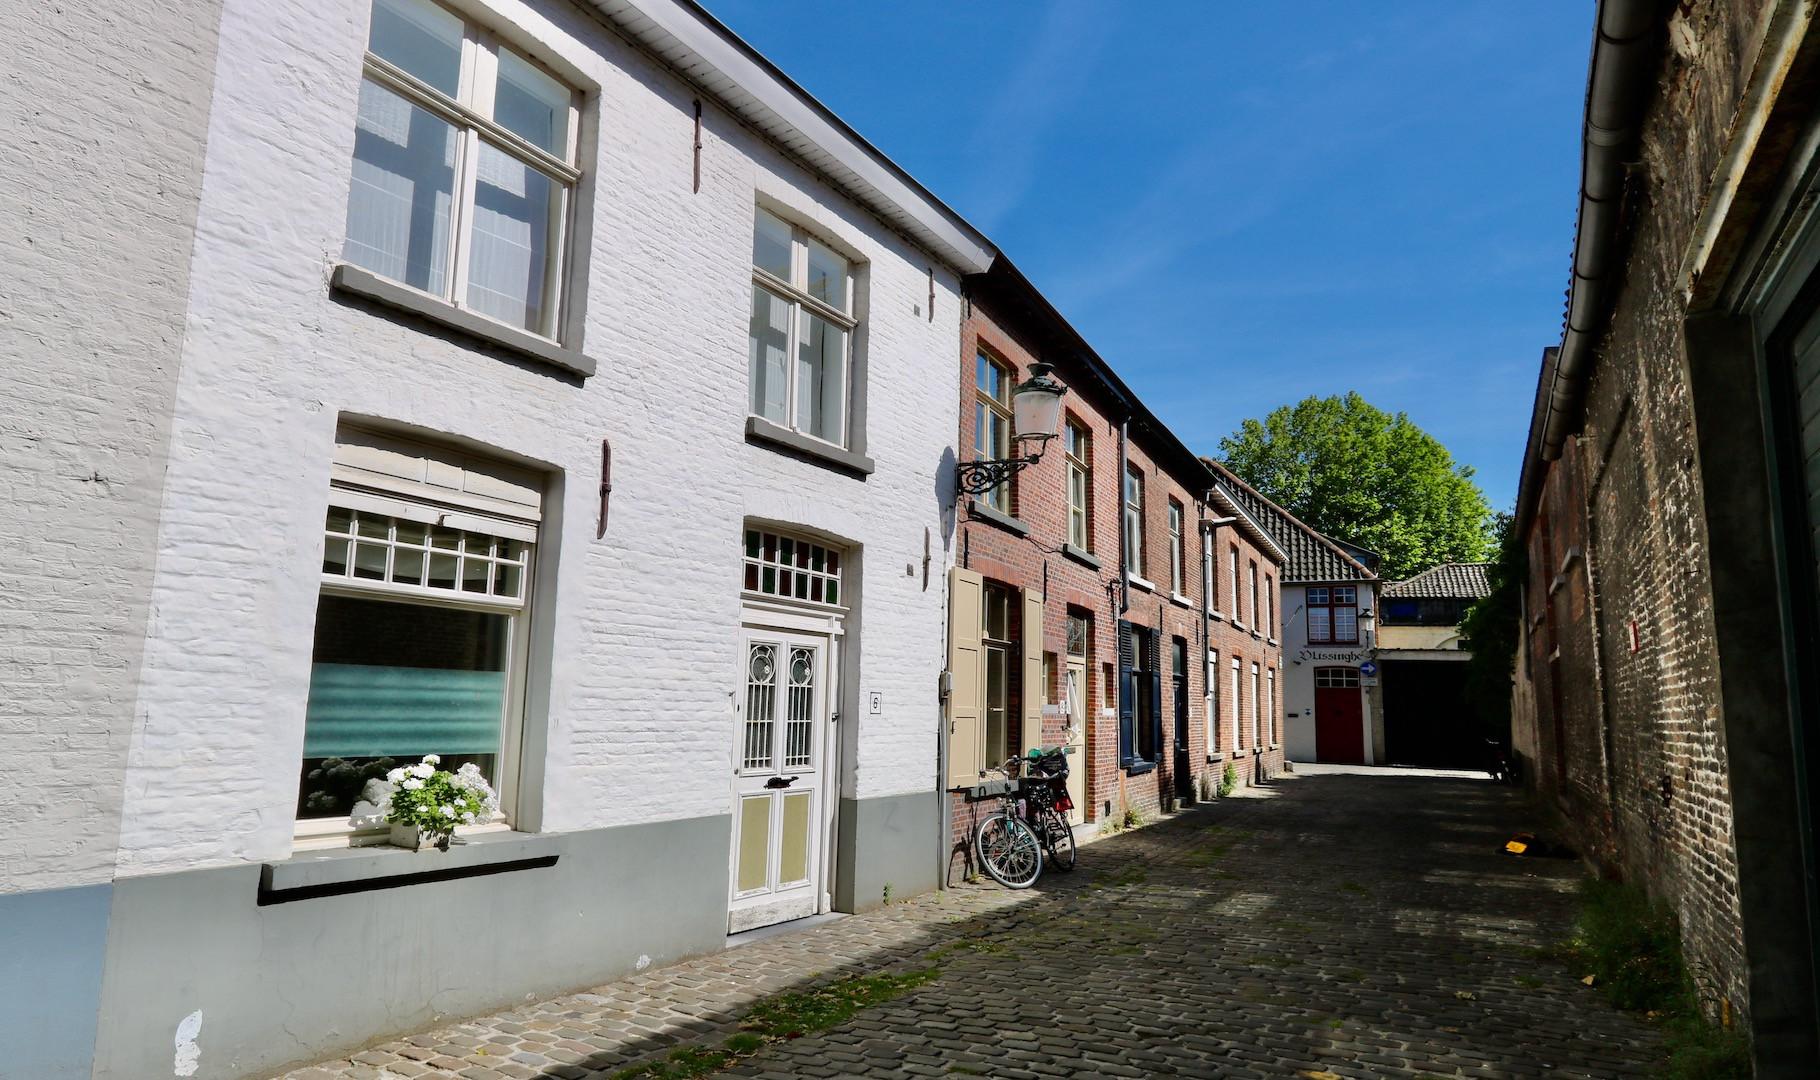 supercharmant Brugs huis met leuke buitenpatio, schilderachtig gelegen op Sint-Anna